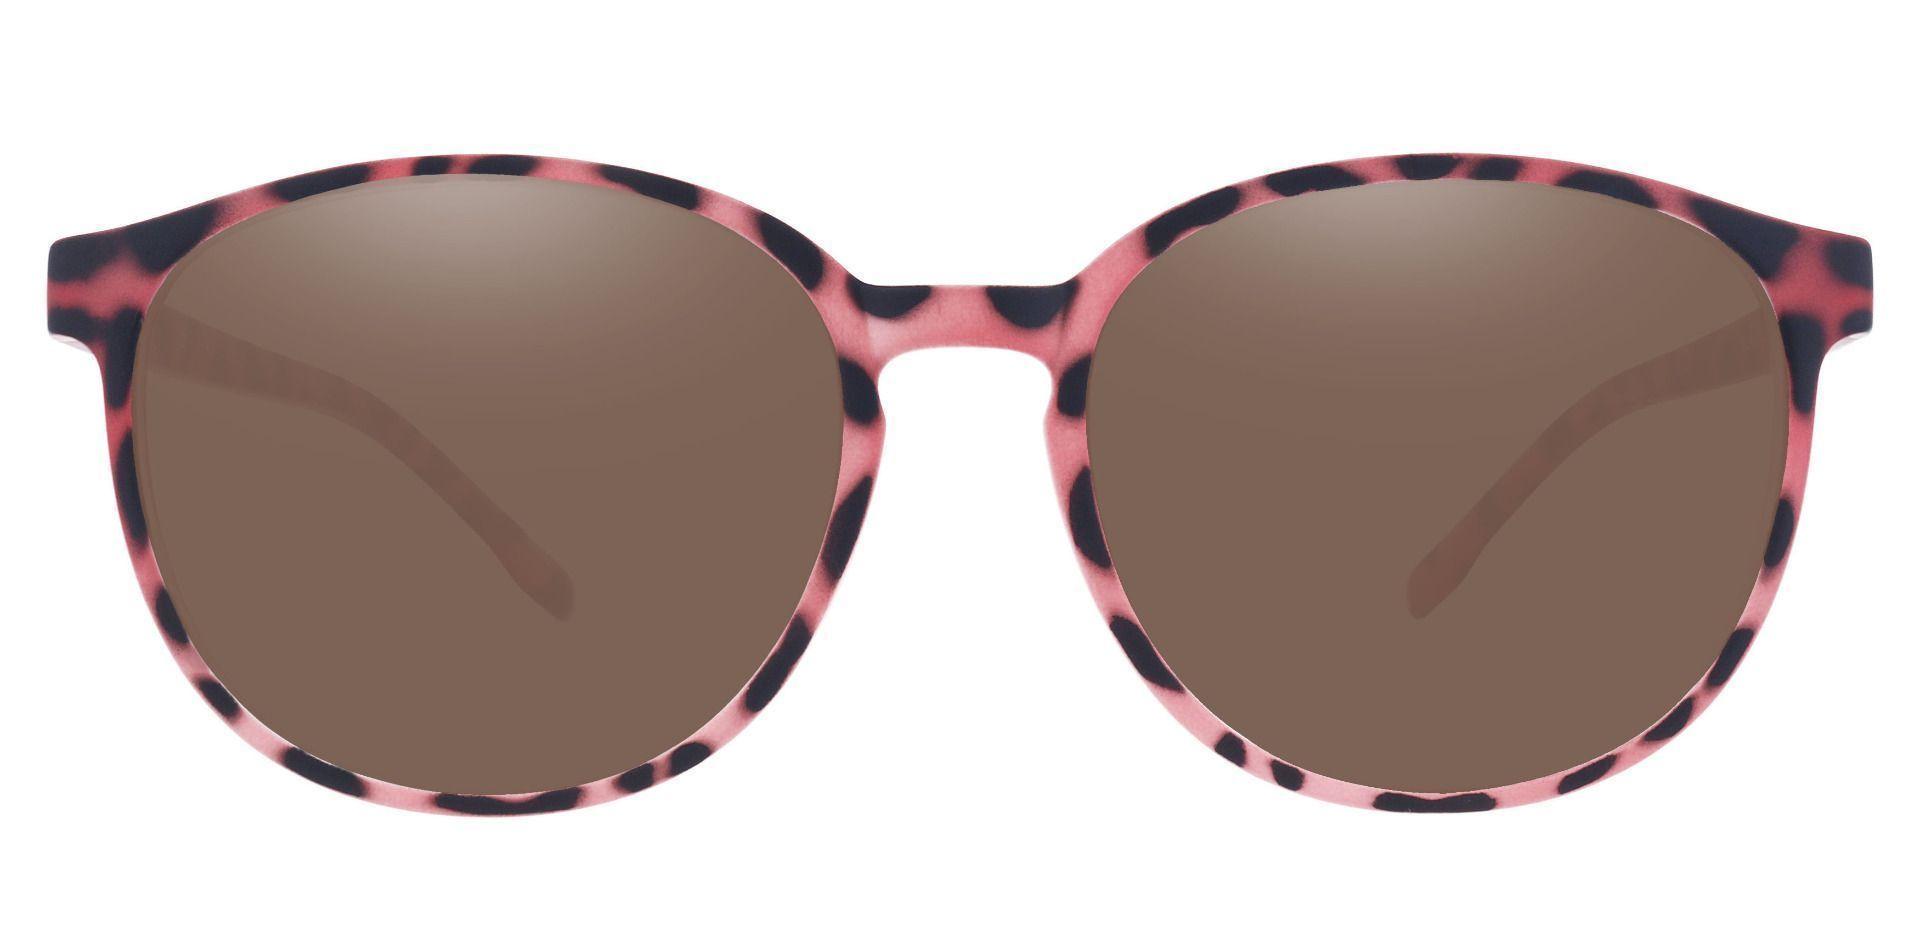 Molasses Oval Prescription Sunglasses - Tortoise Frame With Brown Lenses